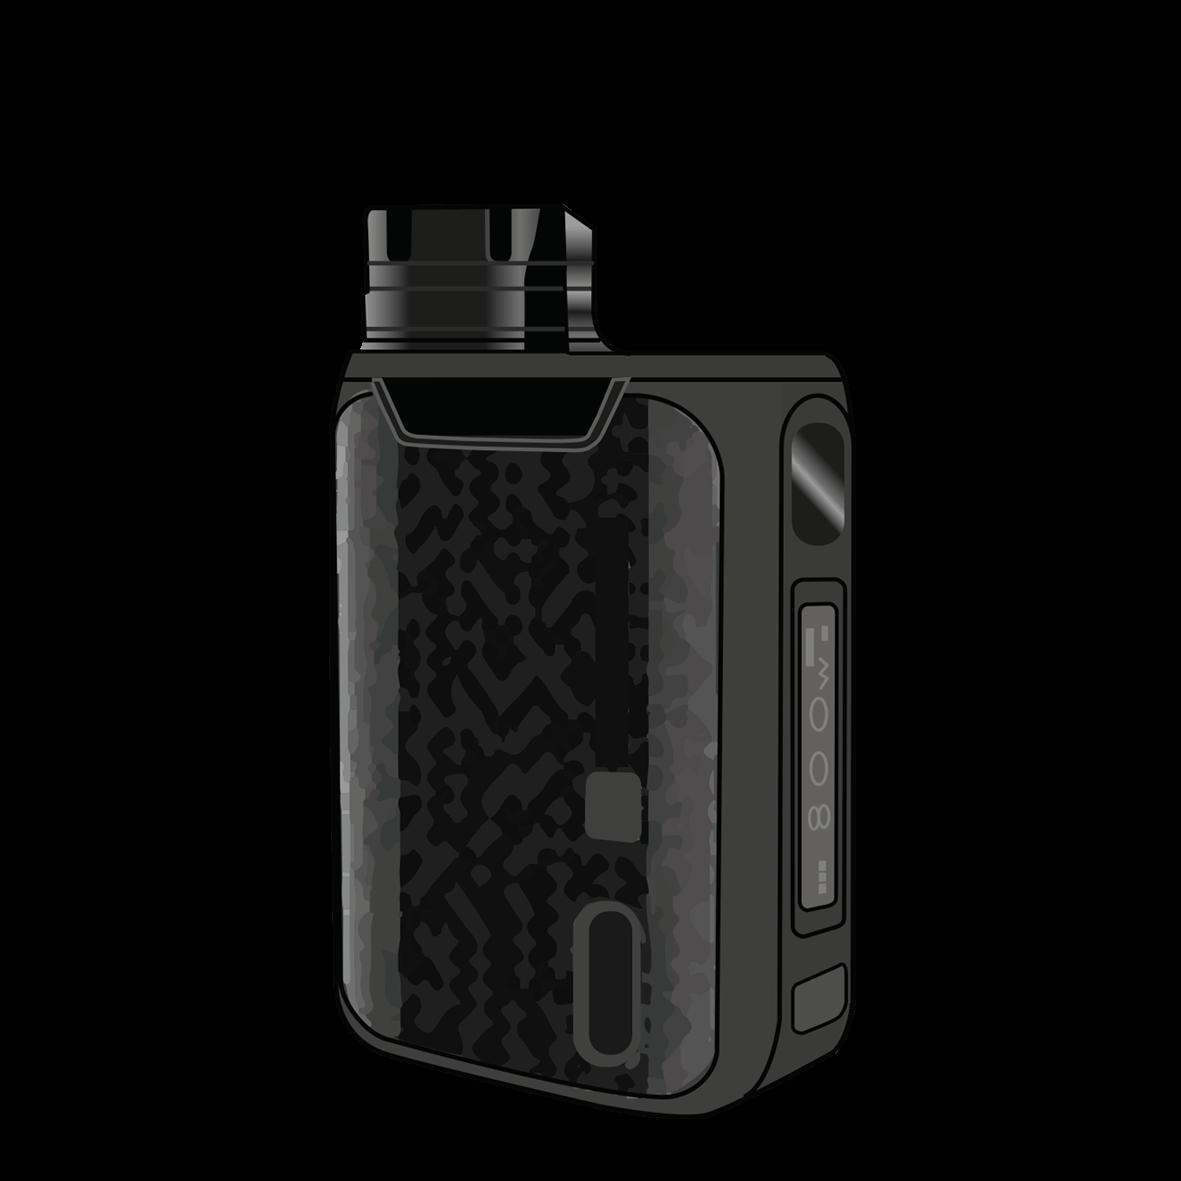 Mod 1 batterij